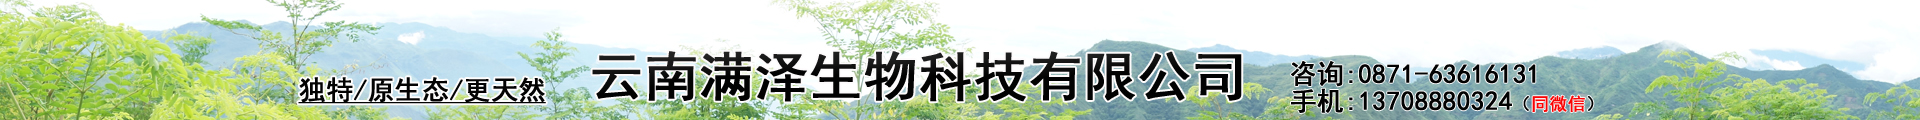 雲南滿澤生物科技有限公司